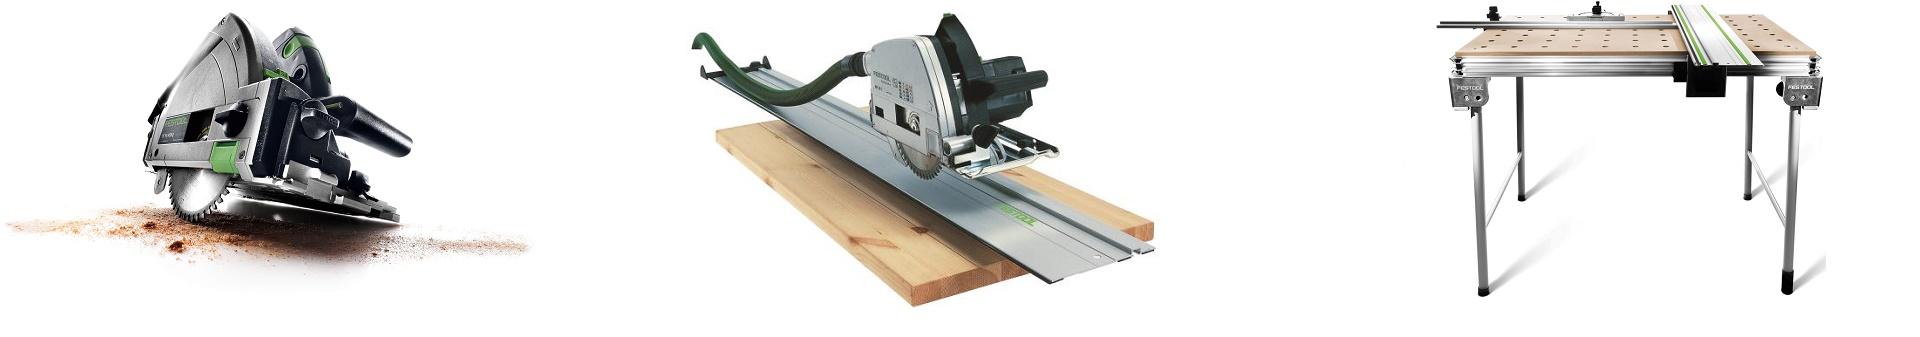 HK/HKC Carpentry Saws